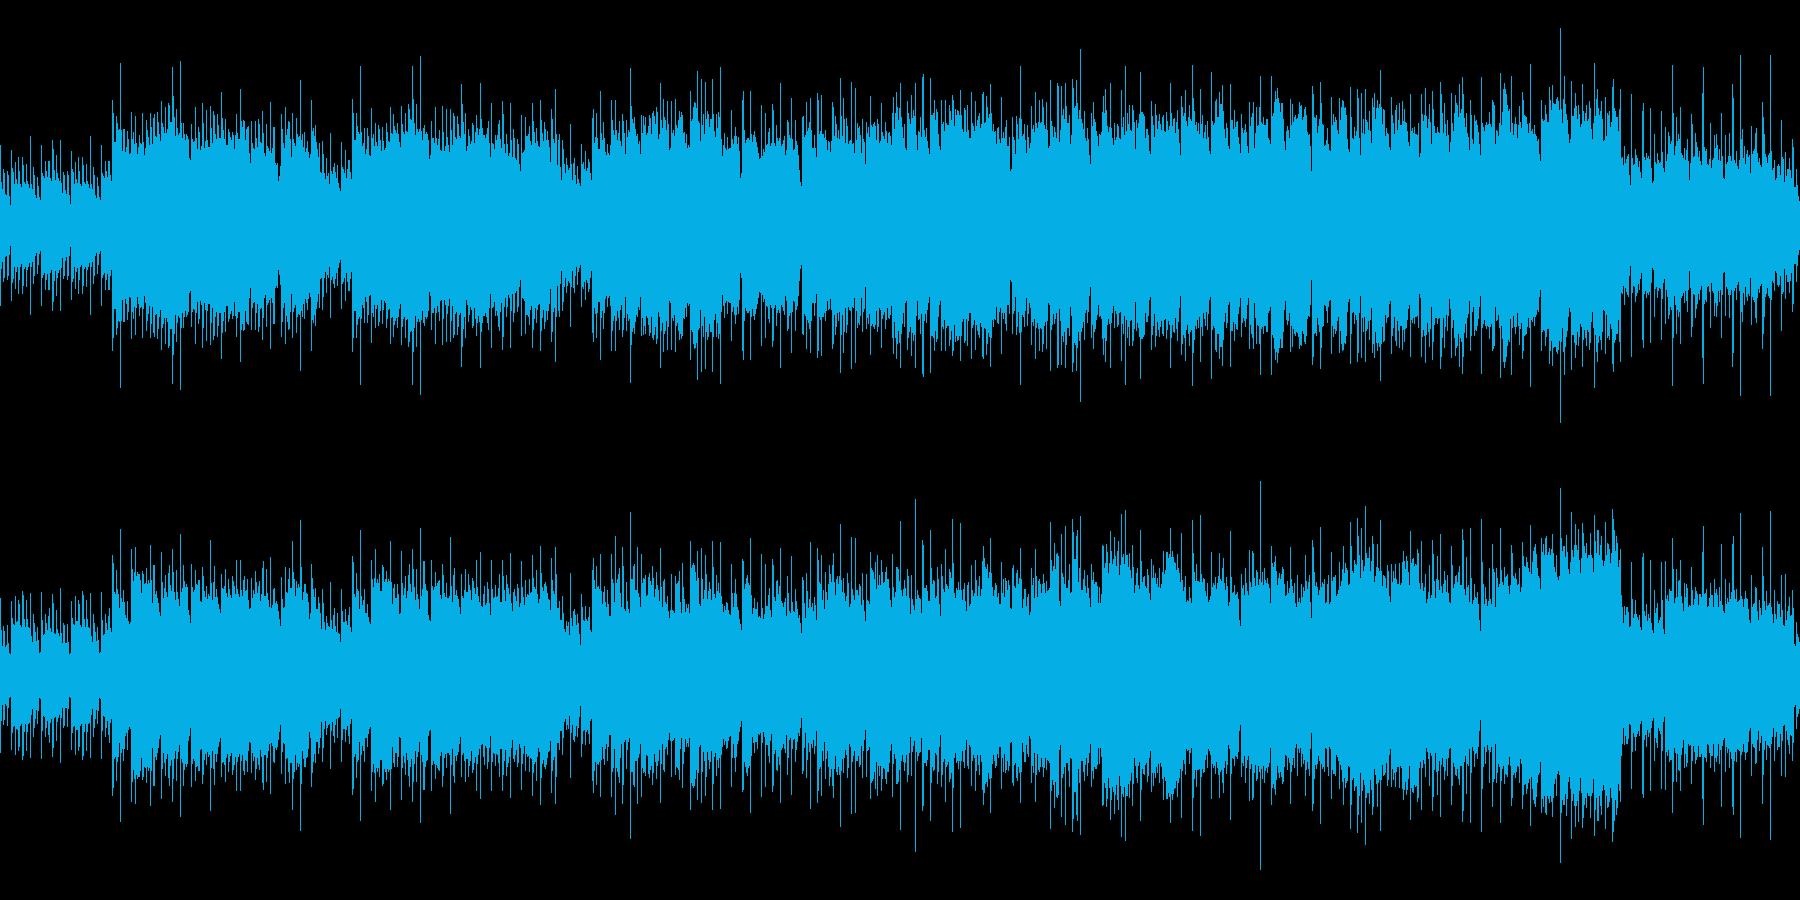 目の前に広がる冒険 明るいフィールド曲の再生済みの波形